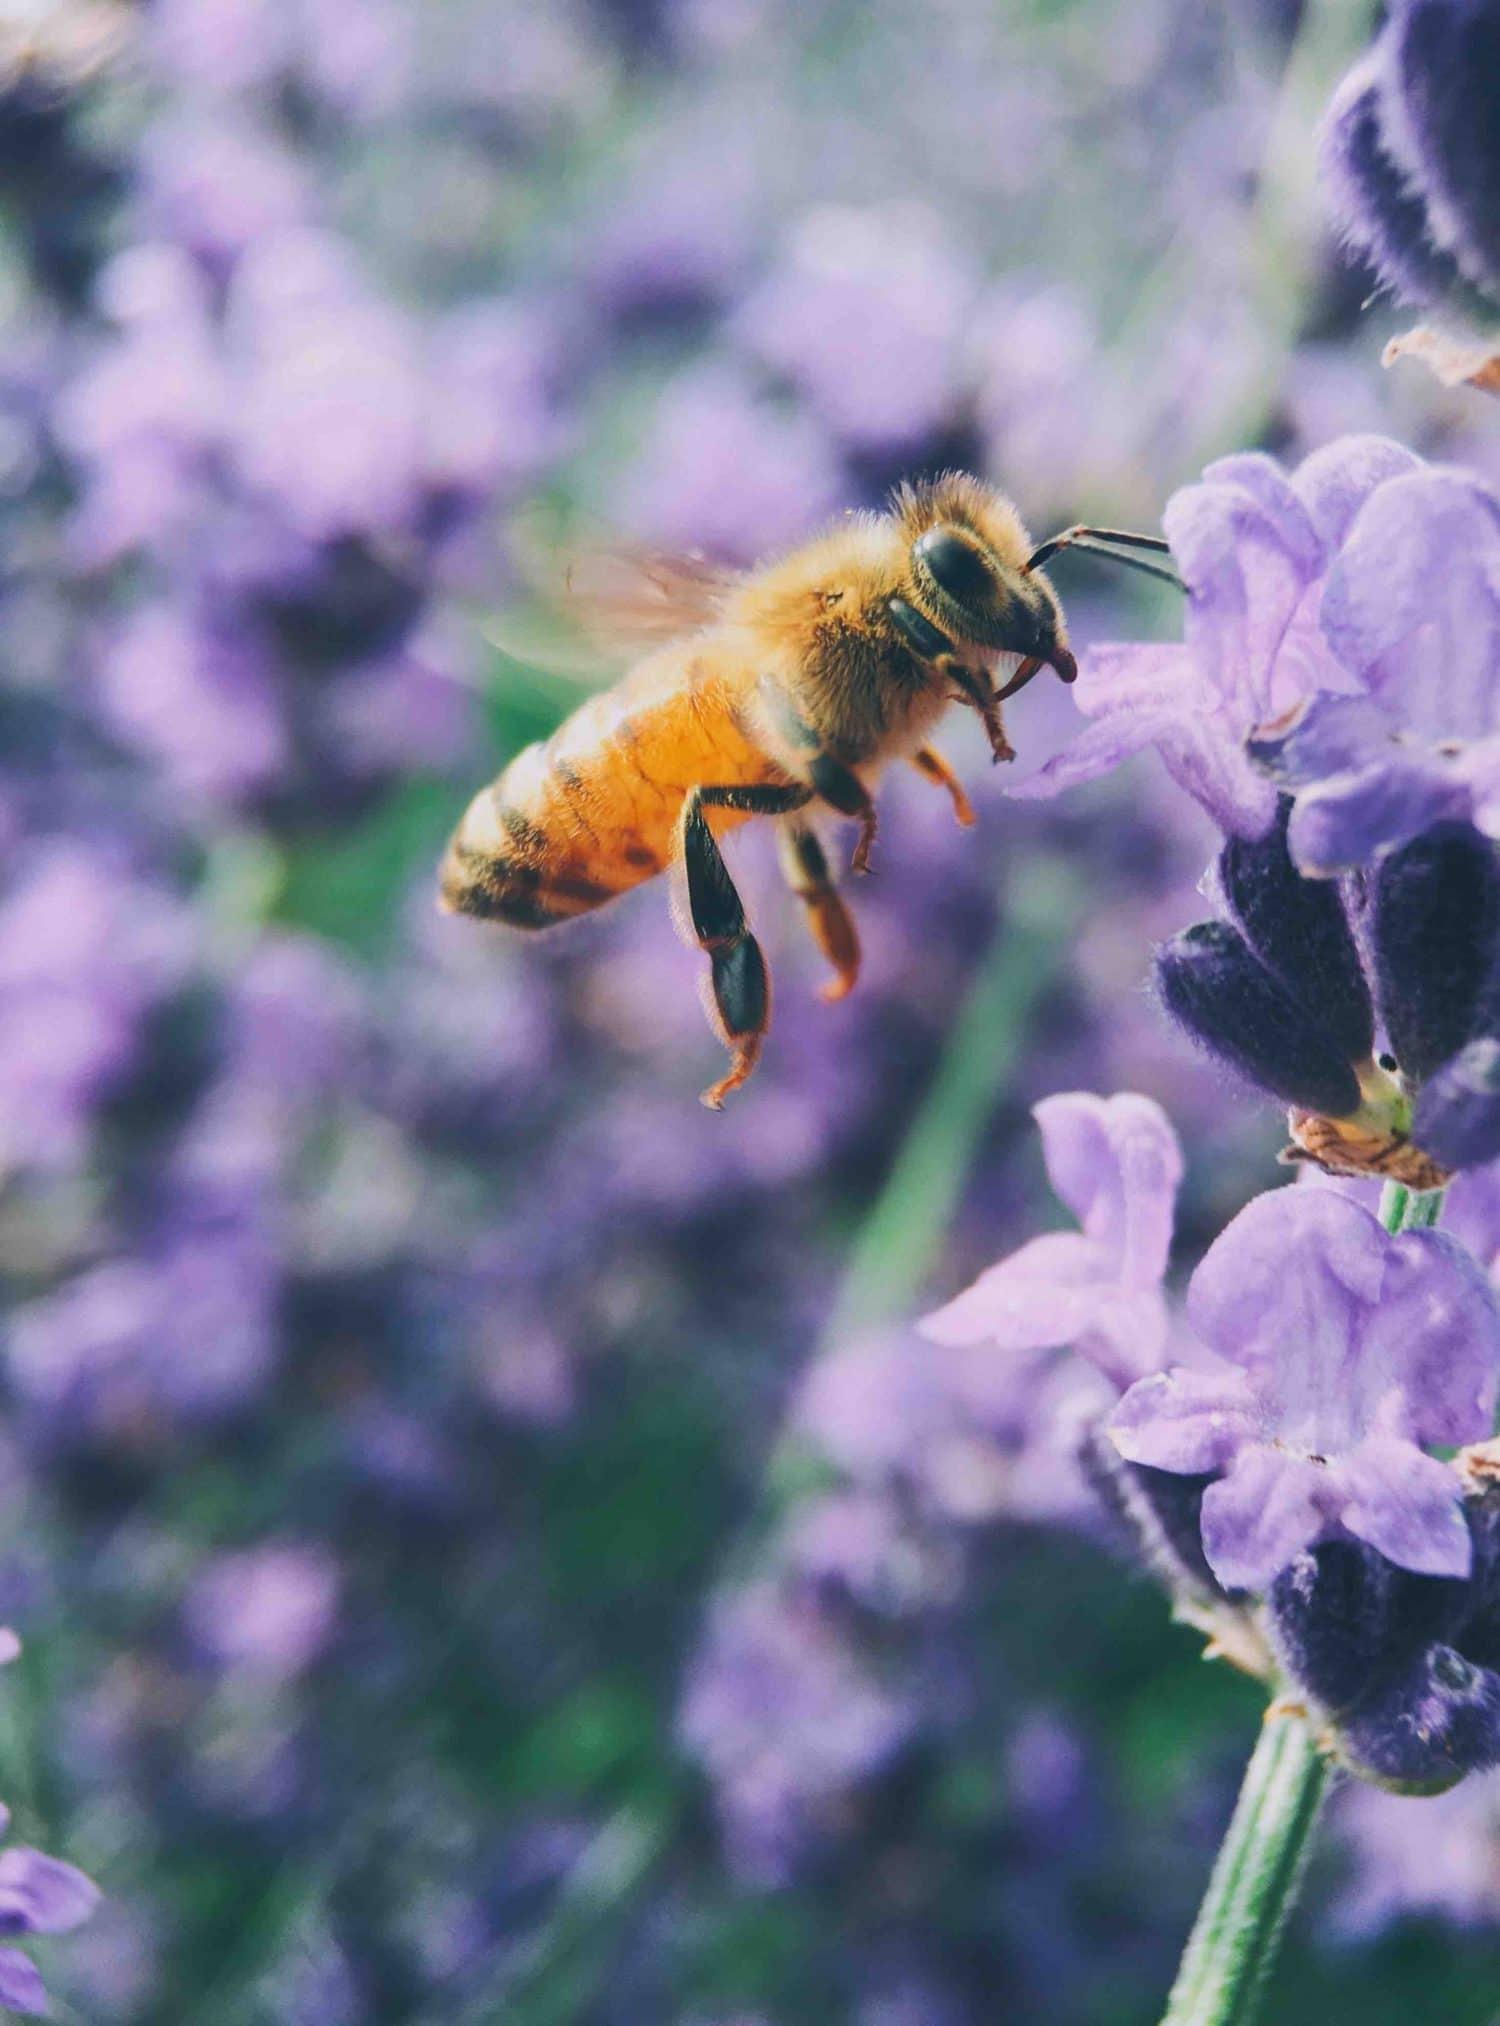 foto de naturaleza con abeja